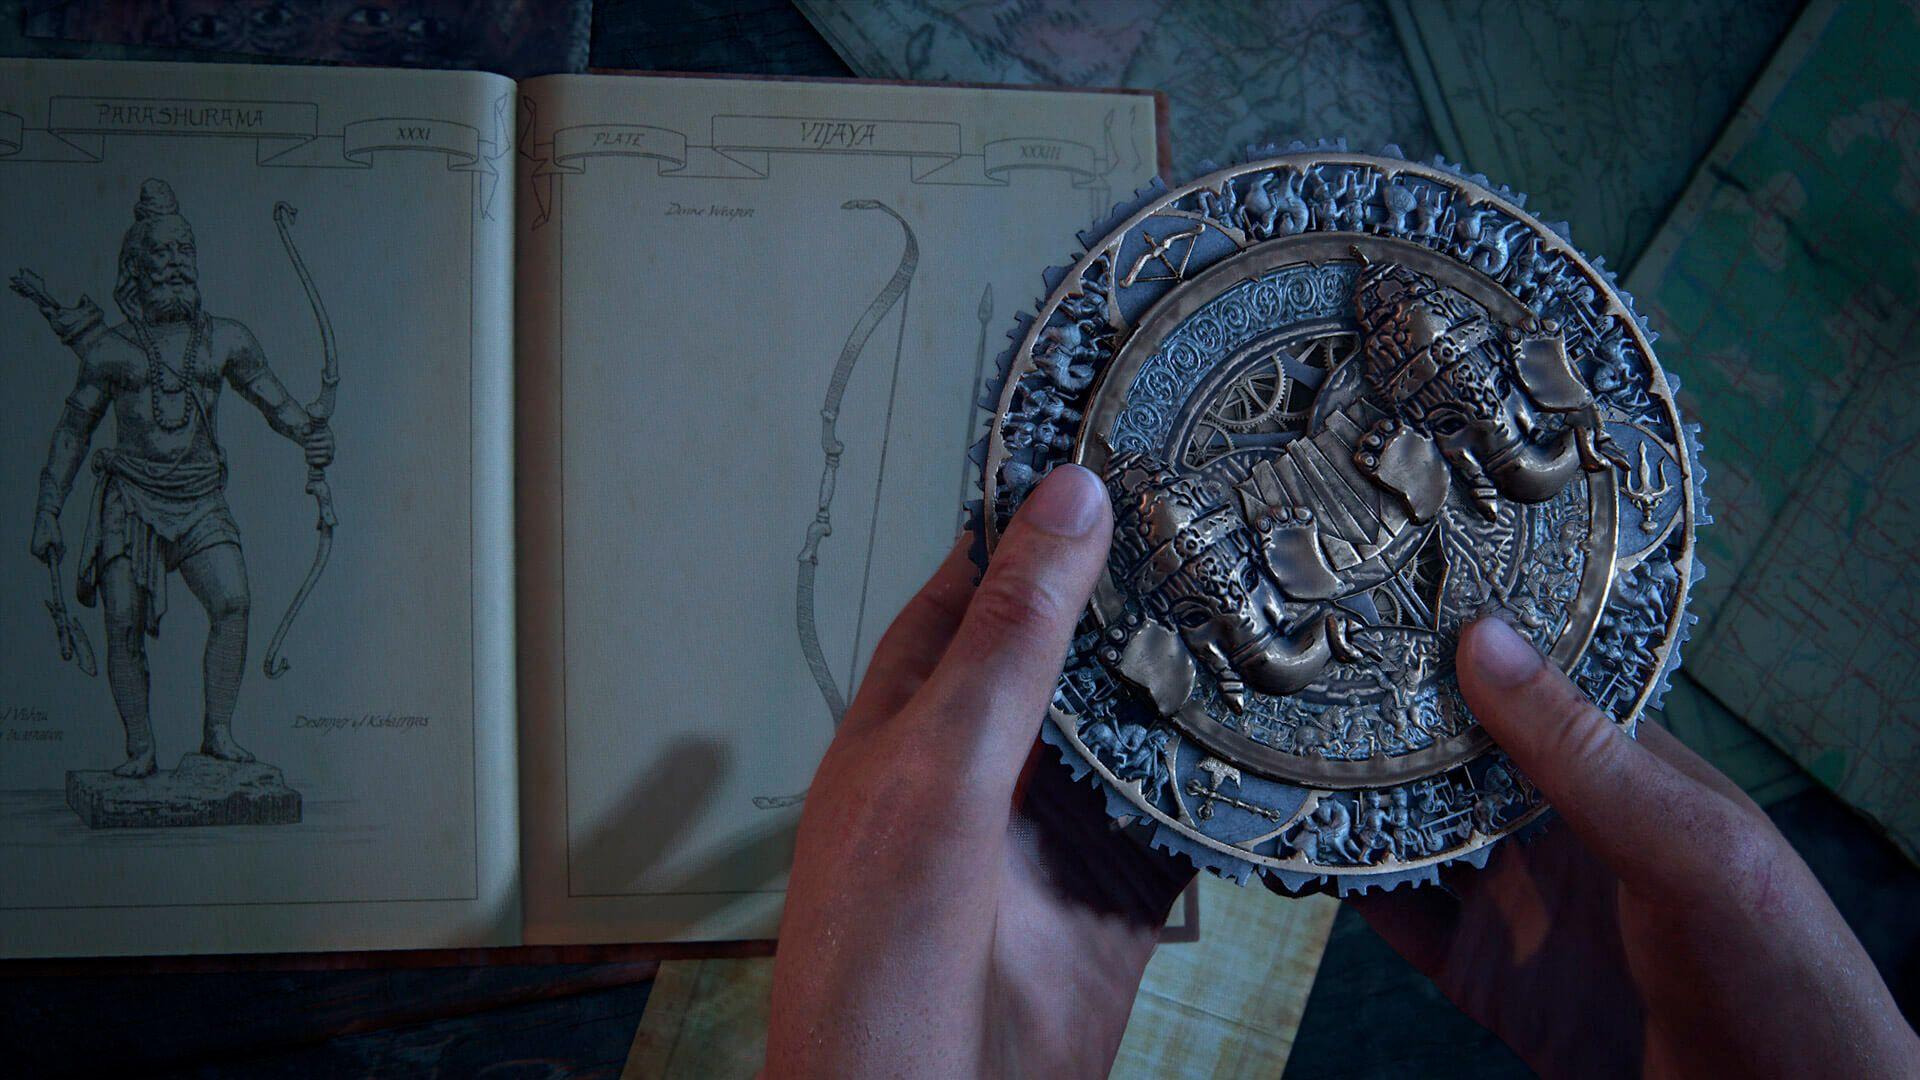 Uncharted: Утраченное наследие изображение 5